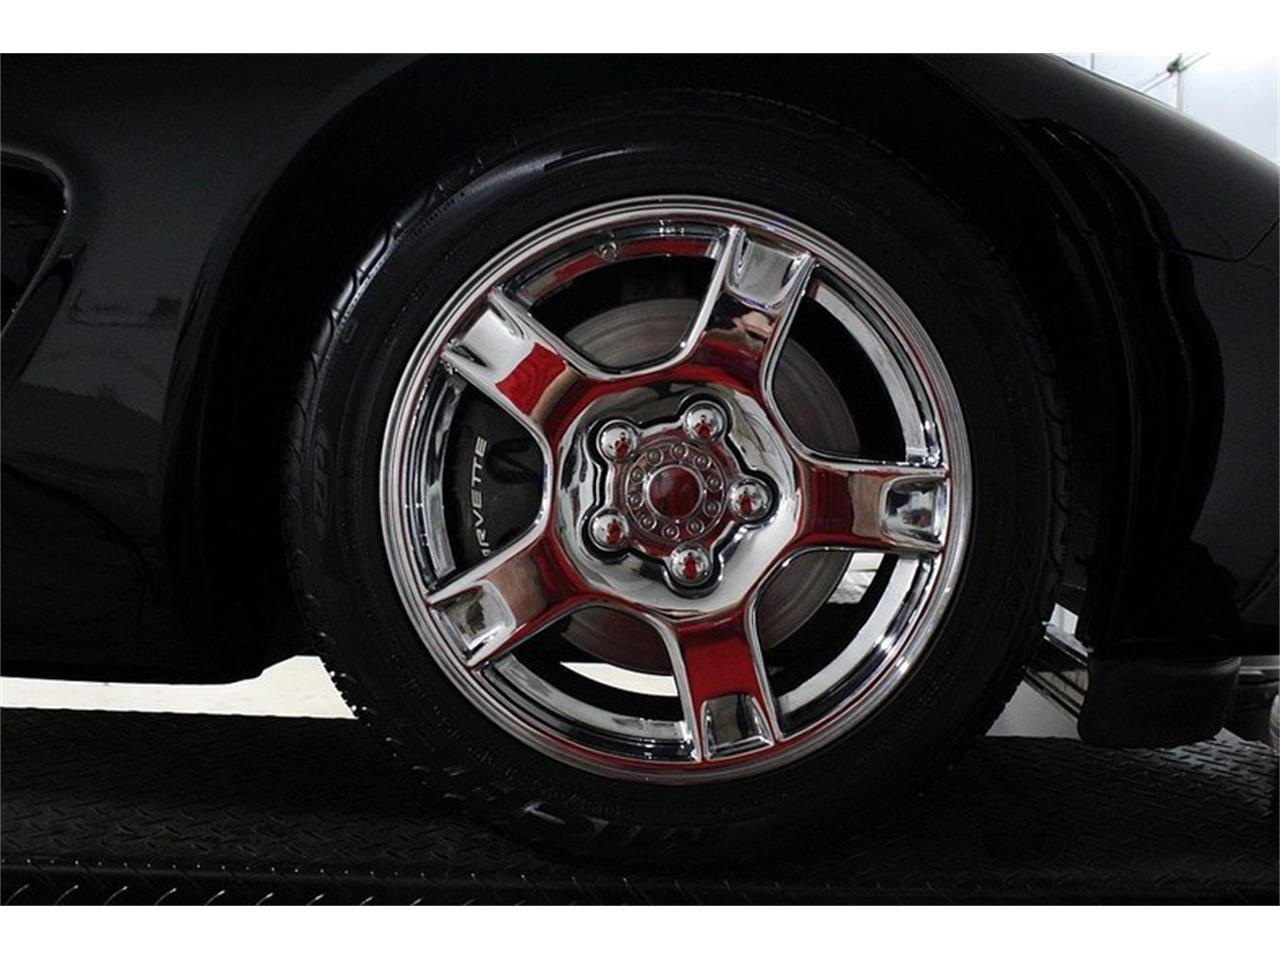 Large Picture of '98 Chevrolet Corvette - $14,900.00 - L5NJ